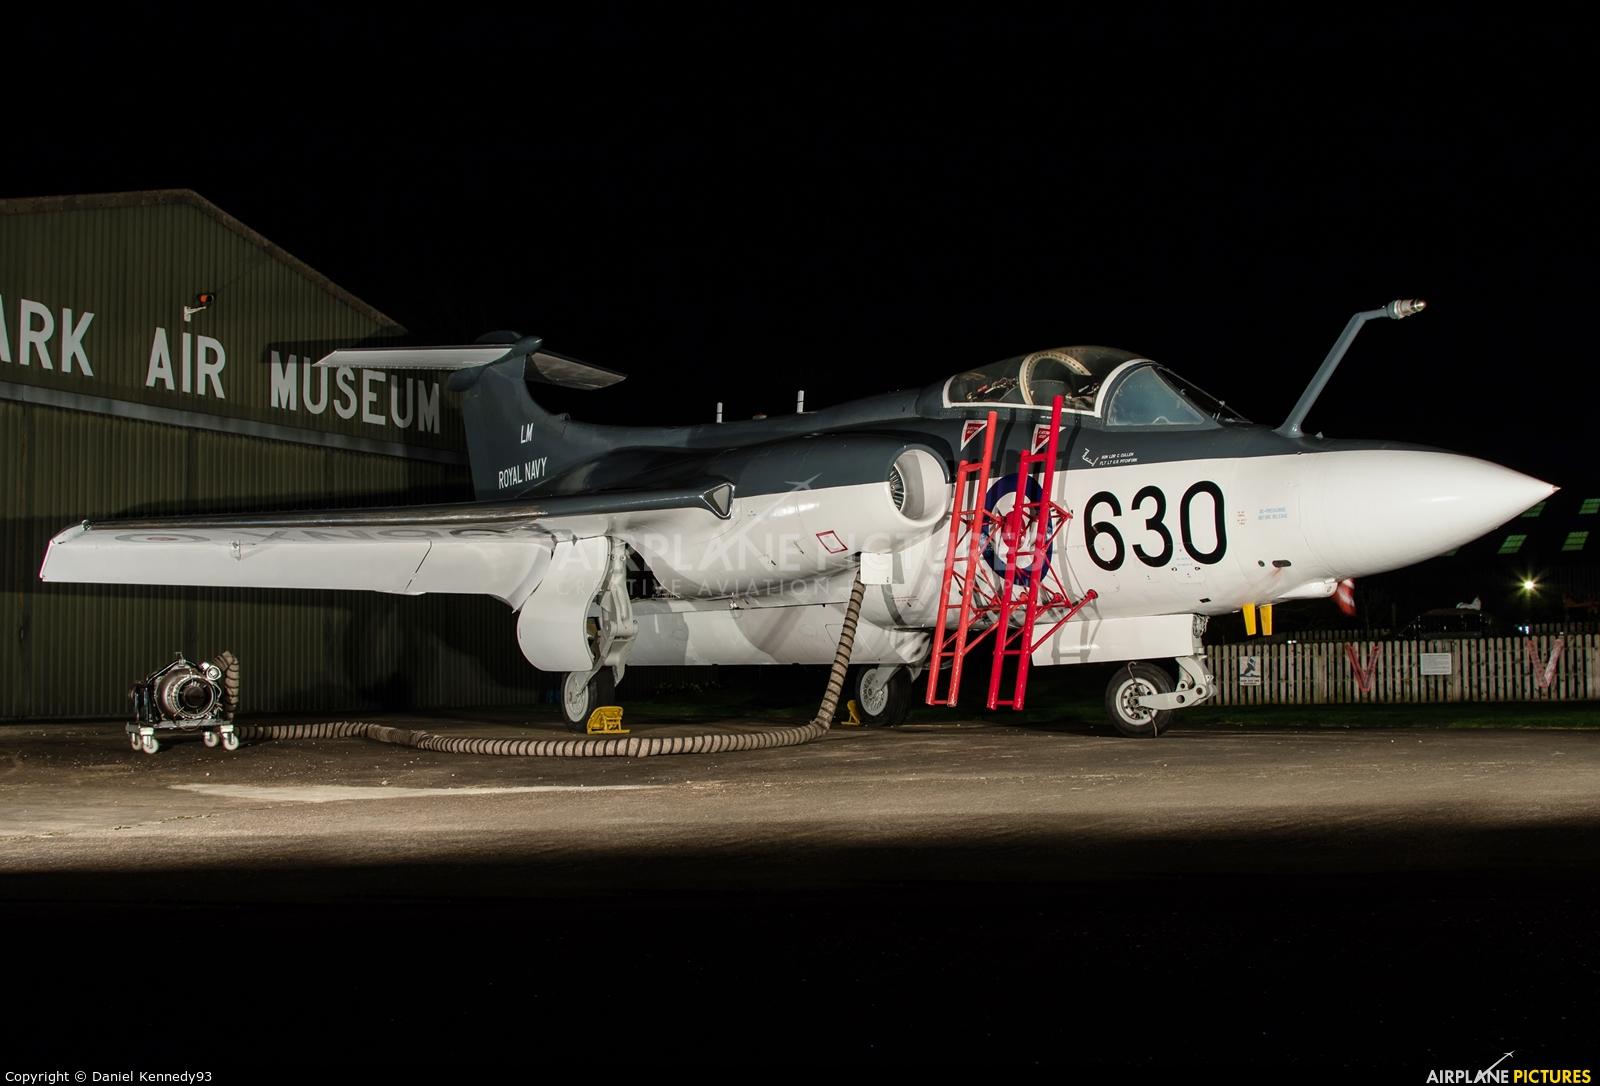 Royal Navy XN964 aircraft at Newark Air Museum